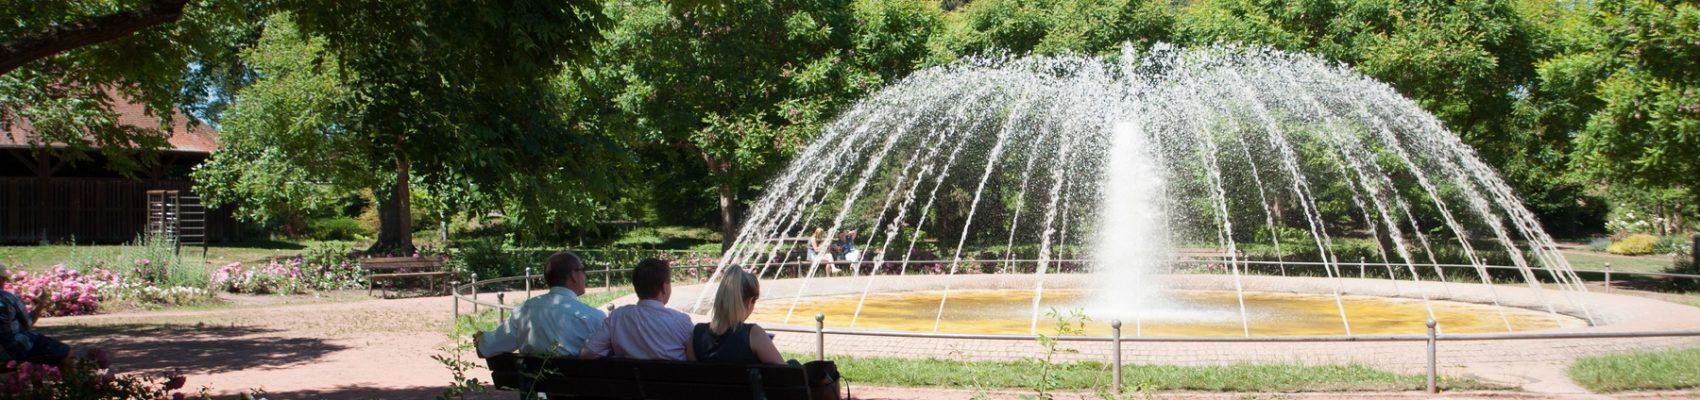 Sehenswürdigkeiten in Merzig: Merziger Stadtpark